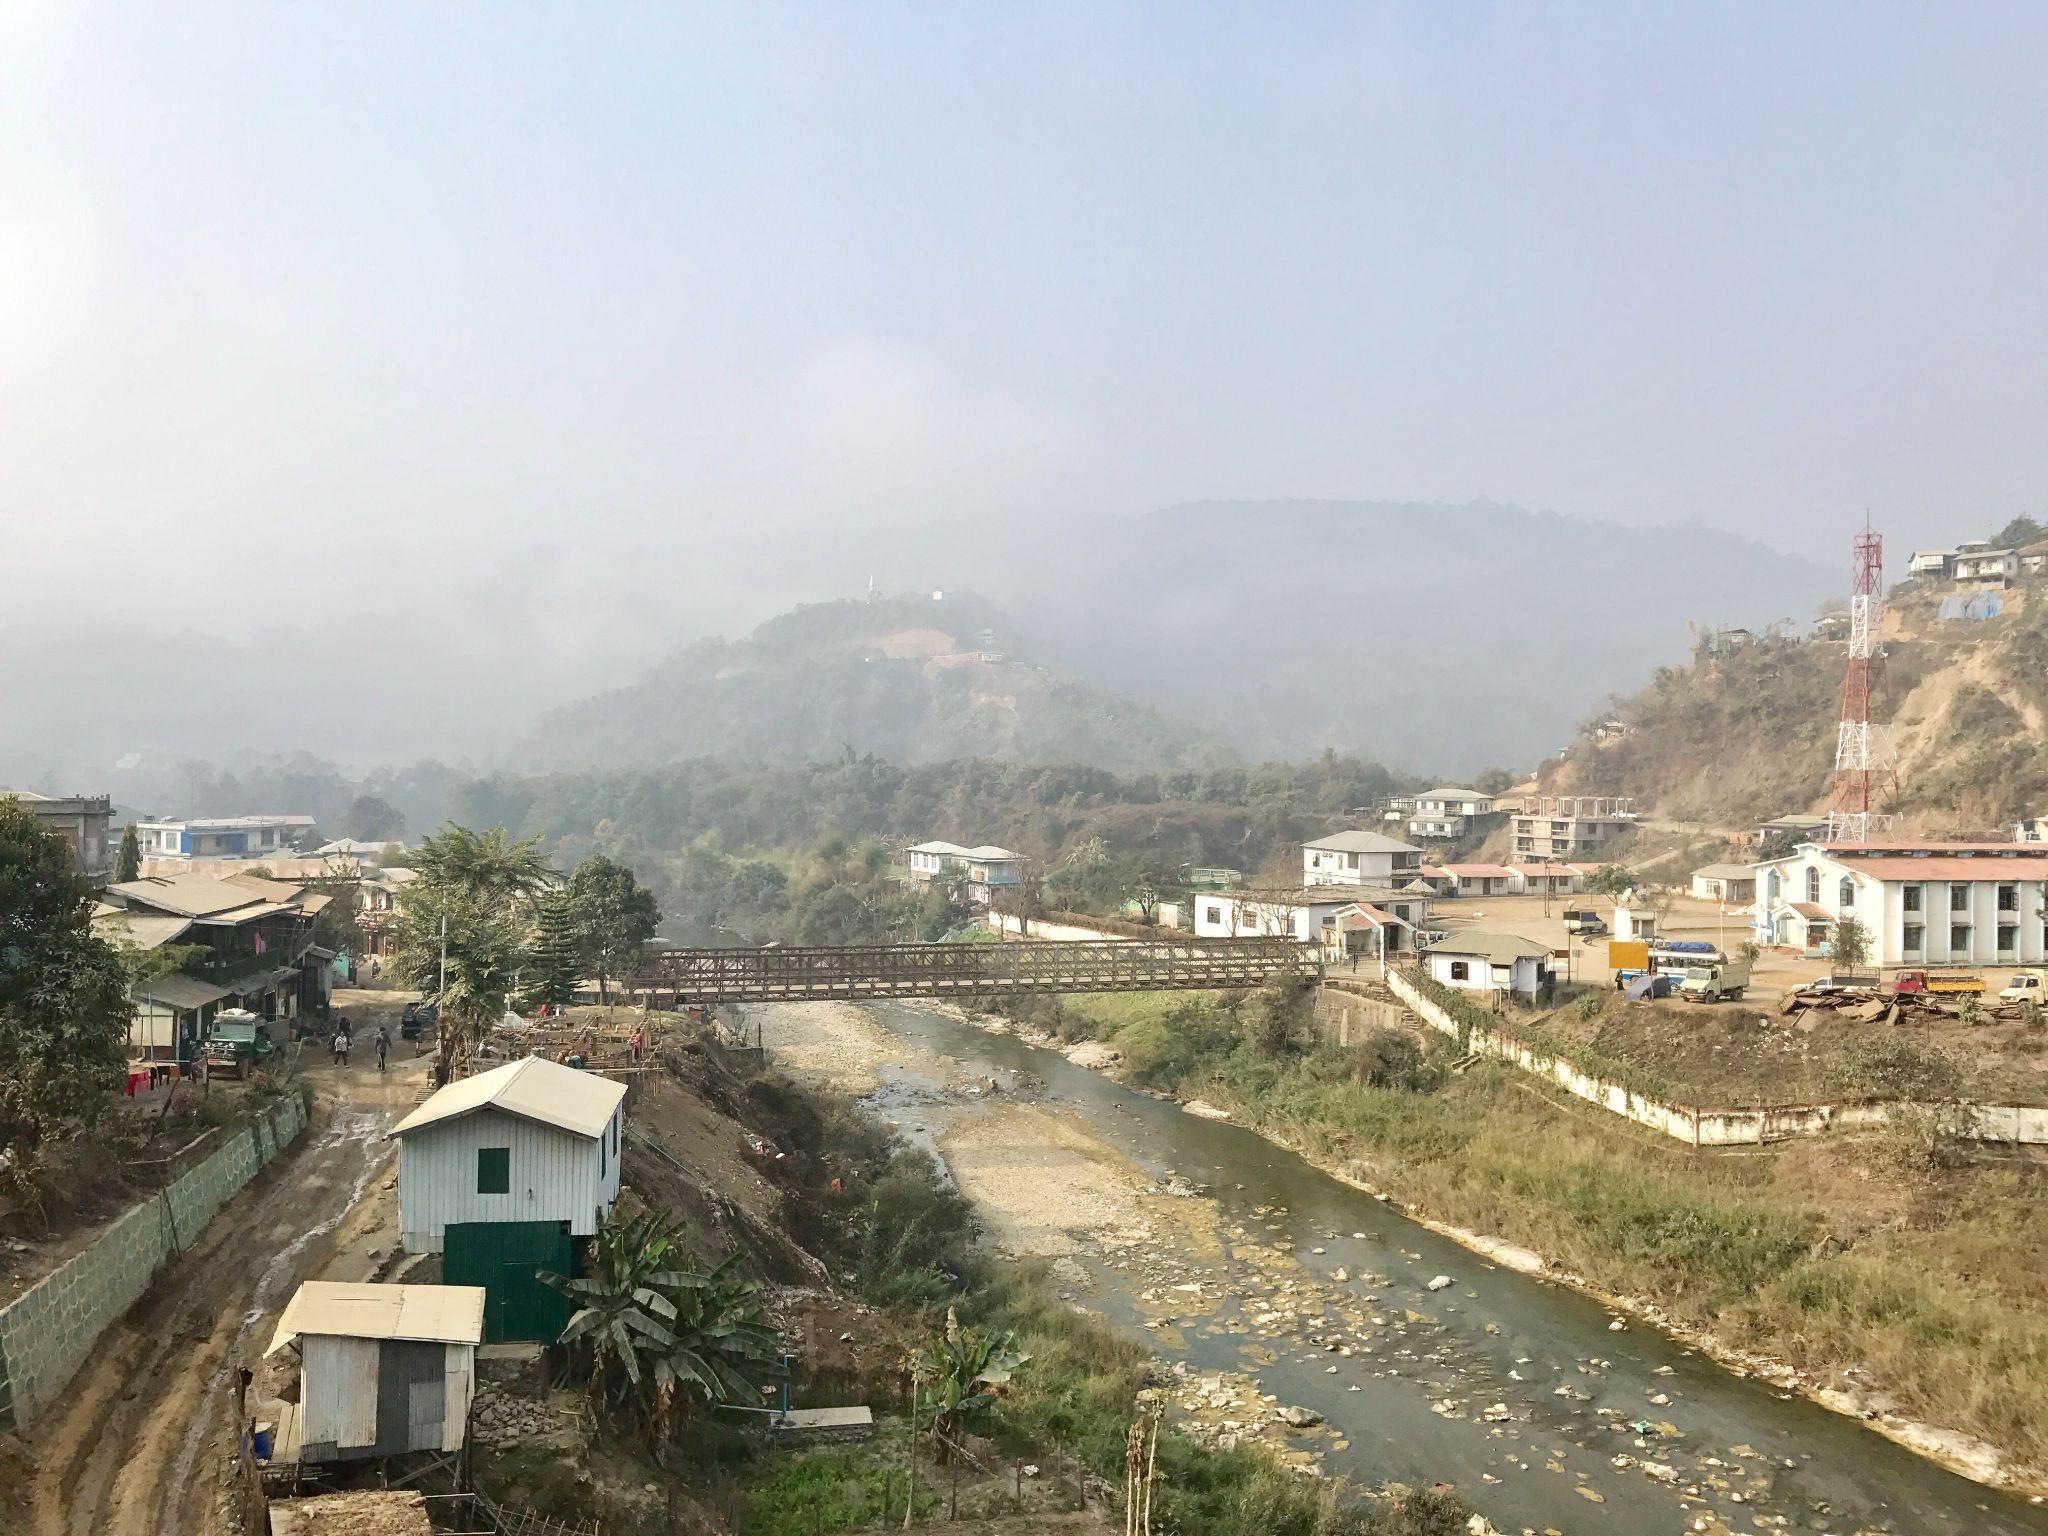 Indo-Myanmar border, along the Harhva (or Tio) River.